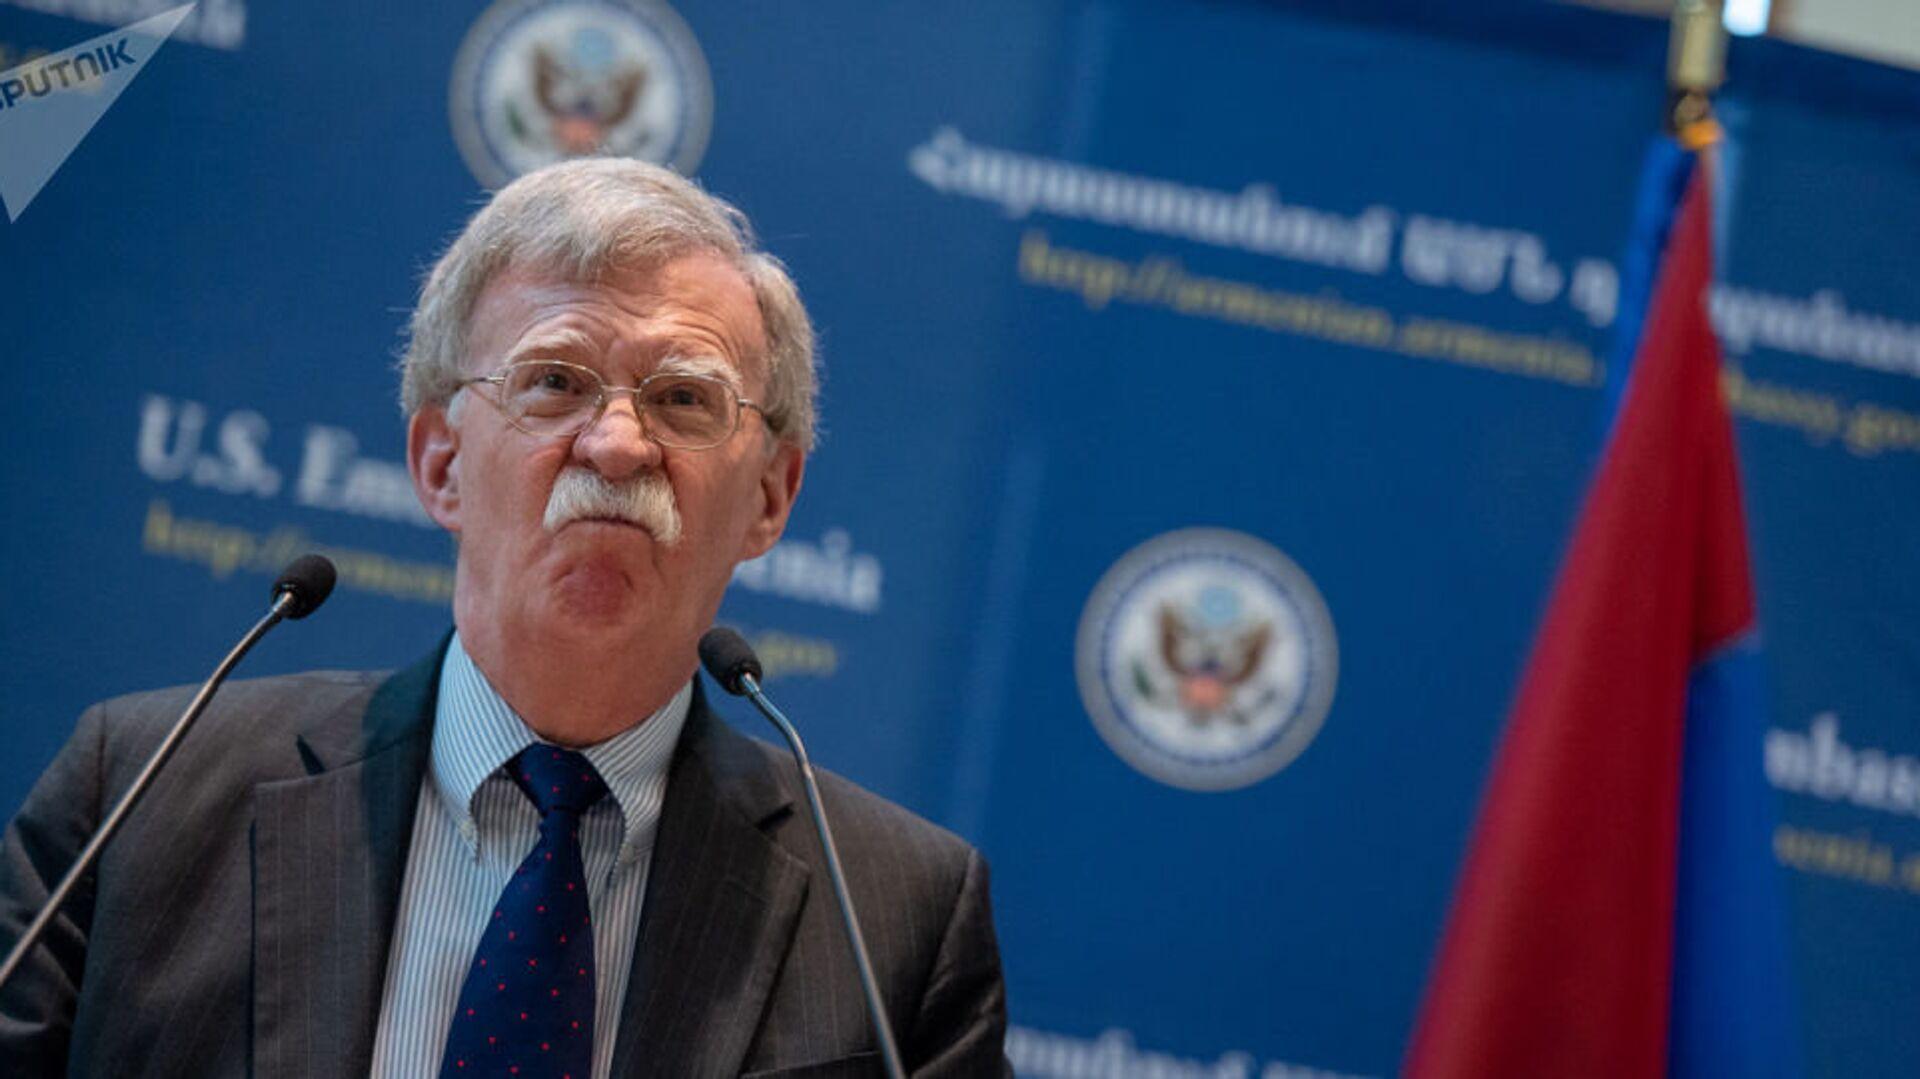 Советник США по национальной безопасности Джон Болтон в посольстве США в Ереване - РИА Новости, 1920, 10.09.2019